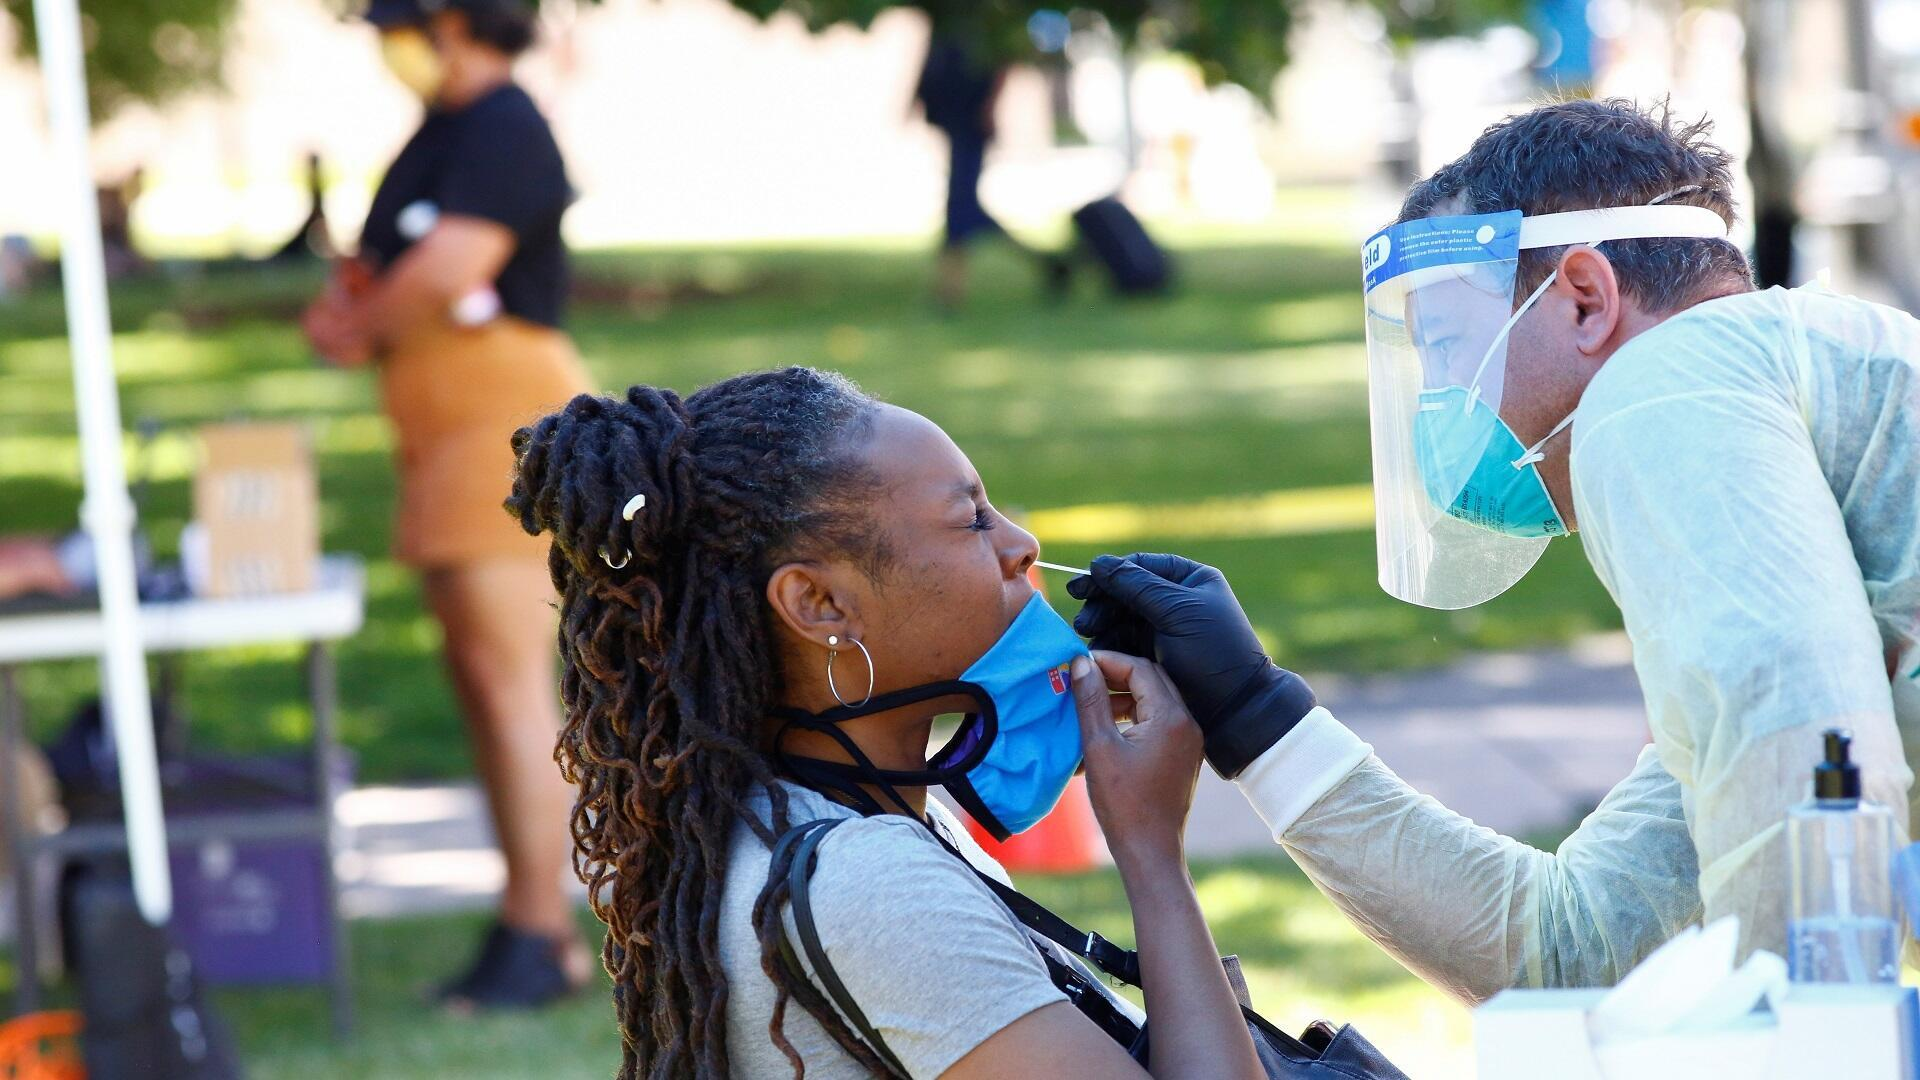 """سيدة تجري اختبارا لكشف الإصابة بفيروس كورونا خلال احتفالات """"جونتينث"""" وهي ذكرى إلغاء العبودية في ولاية تكساس الأمريكية، 20 يونيو/حزيران 2020."""